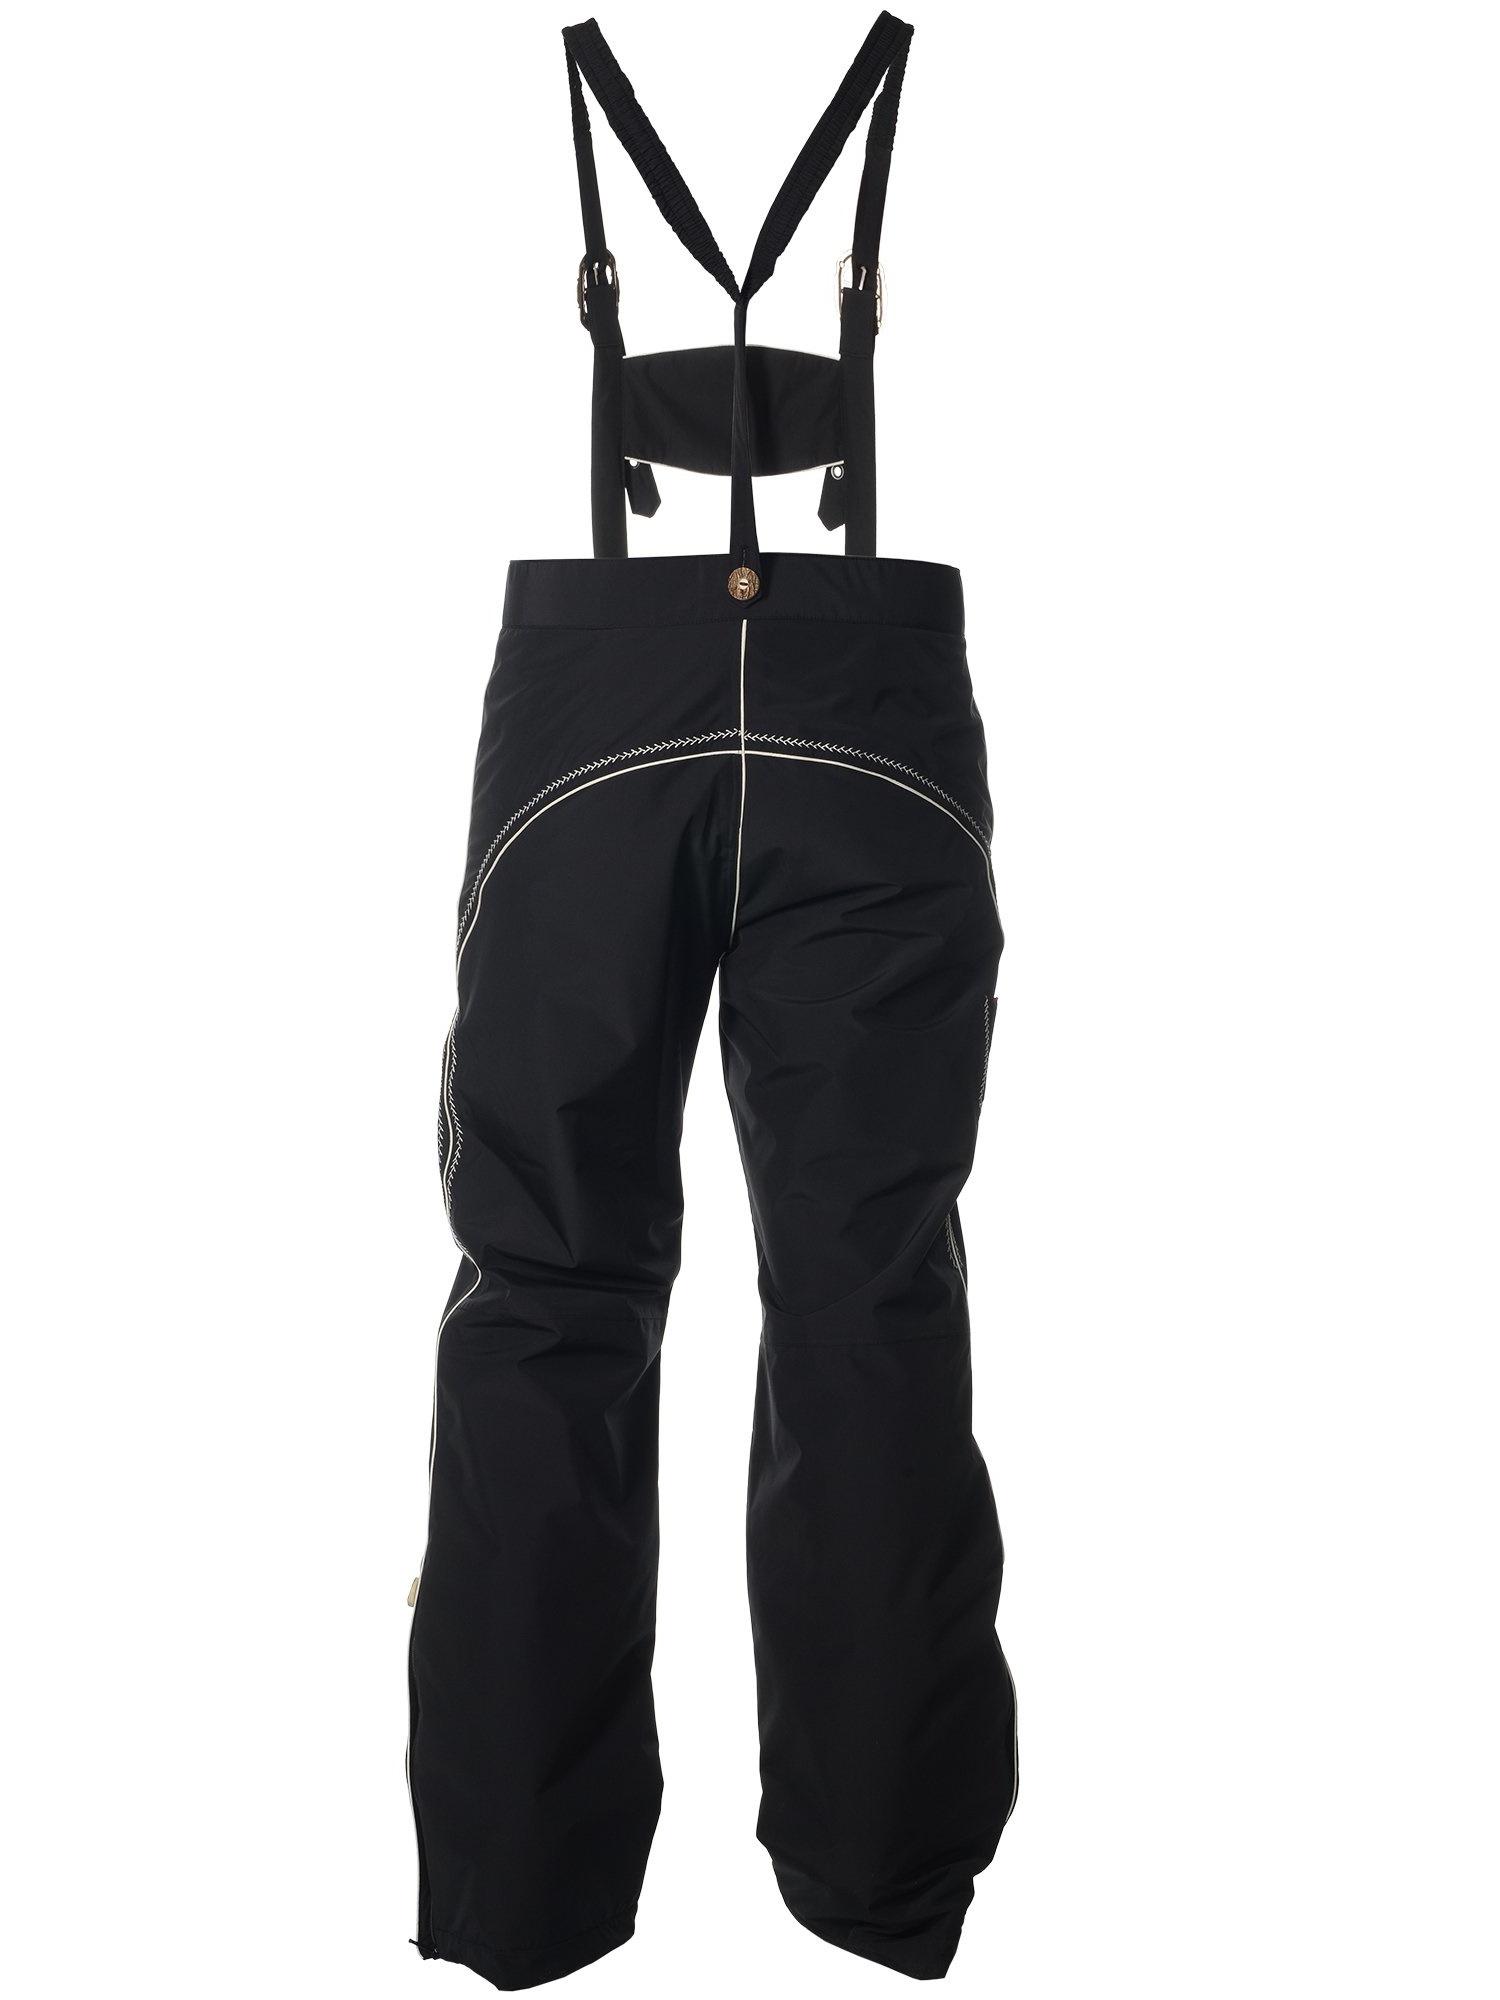 Мужские горнолыжные брюки Almrausch Lois 121326-0907 черные фото